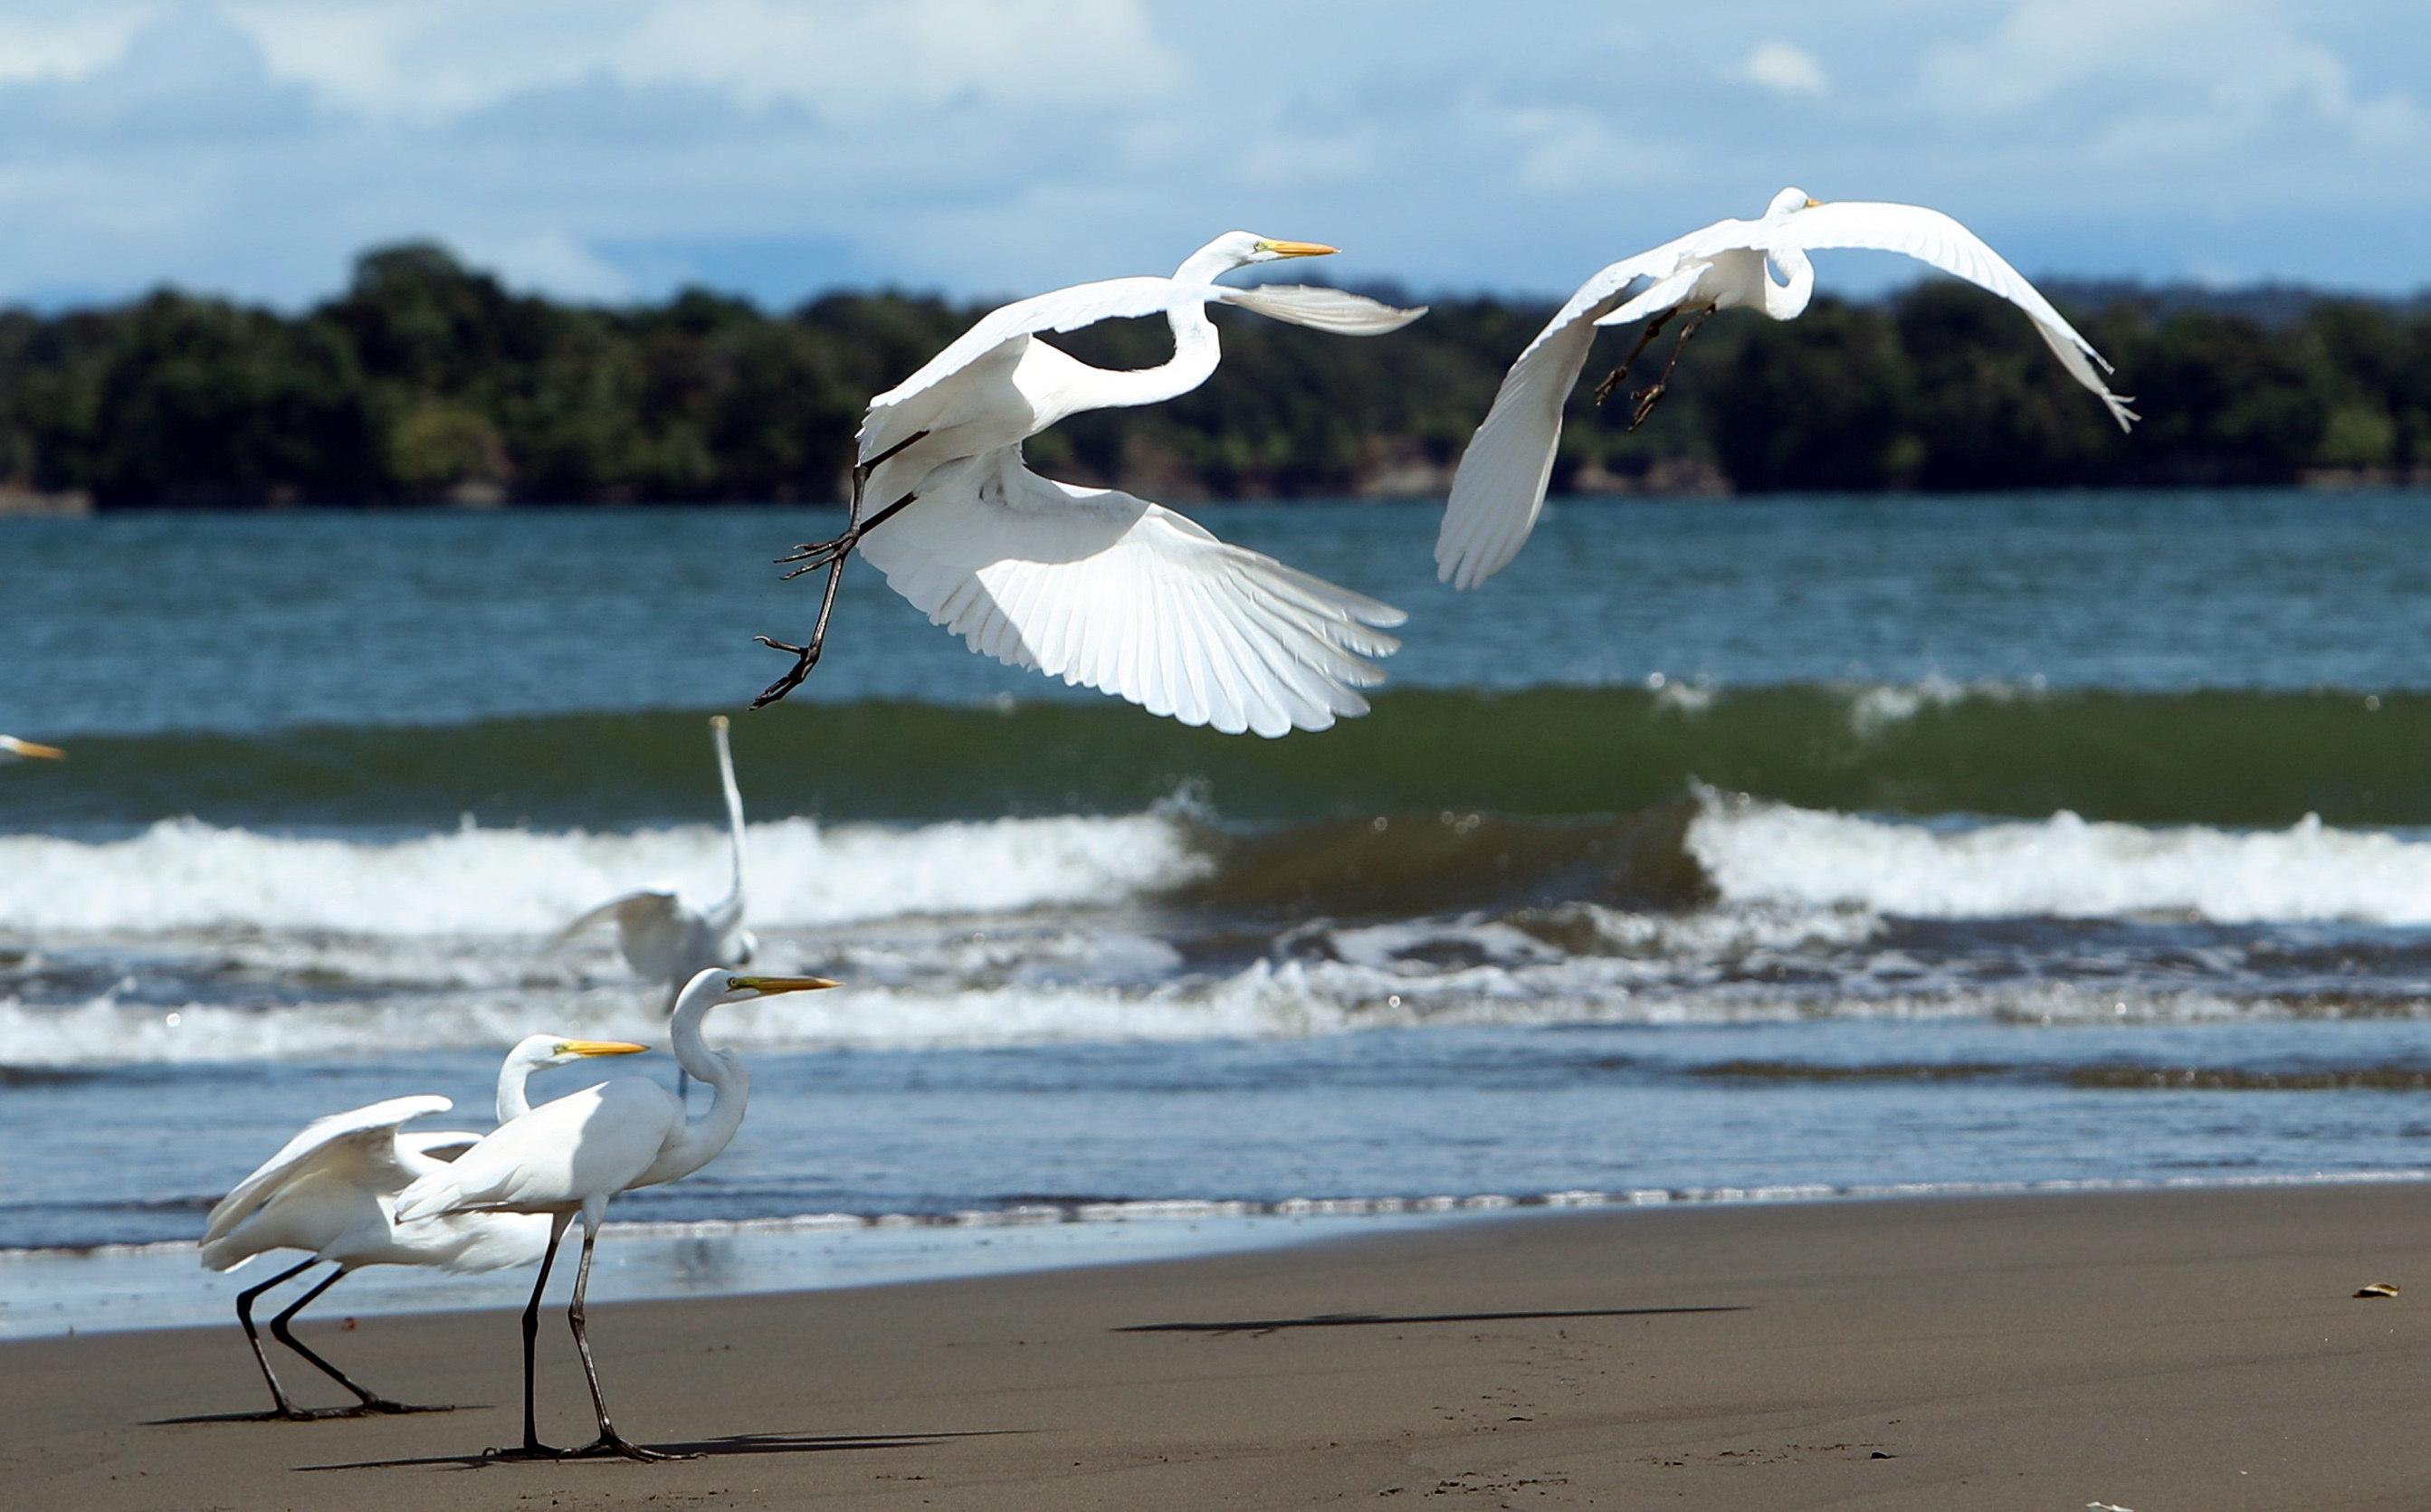 Colòmbia declara 4,5 milions d'hectàrees àrea protegida marina en el Pacífic. Fotografia d'una platja a Ladrilleros. /MAURICIO DUEÑAS CASTAÑEDA